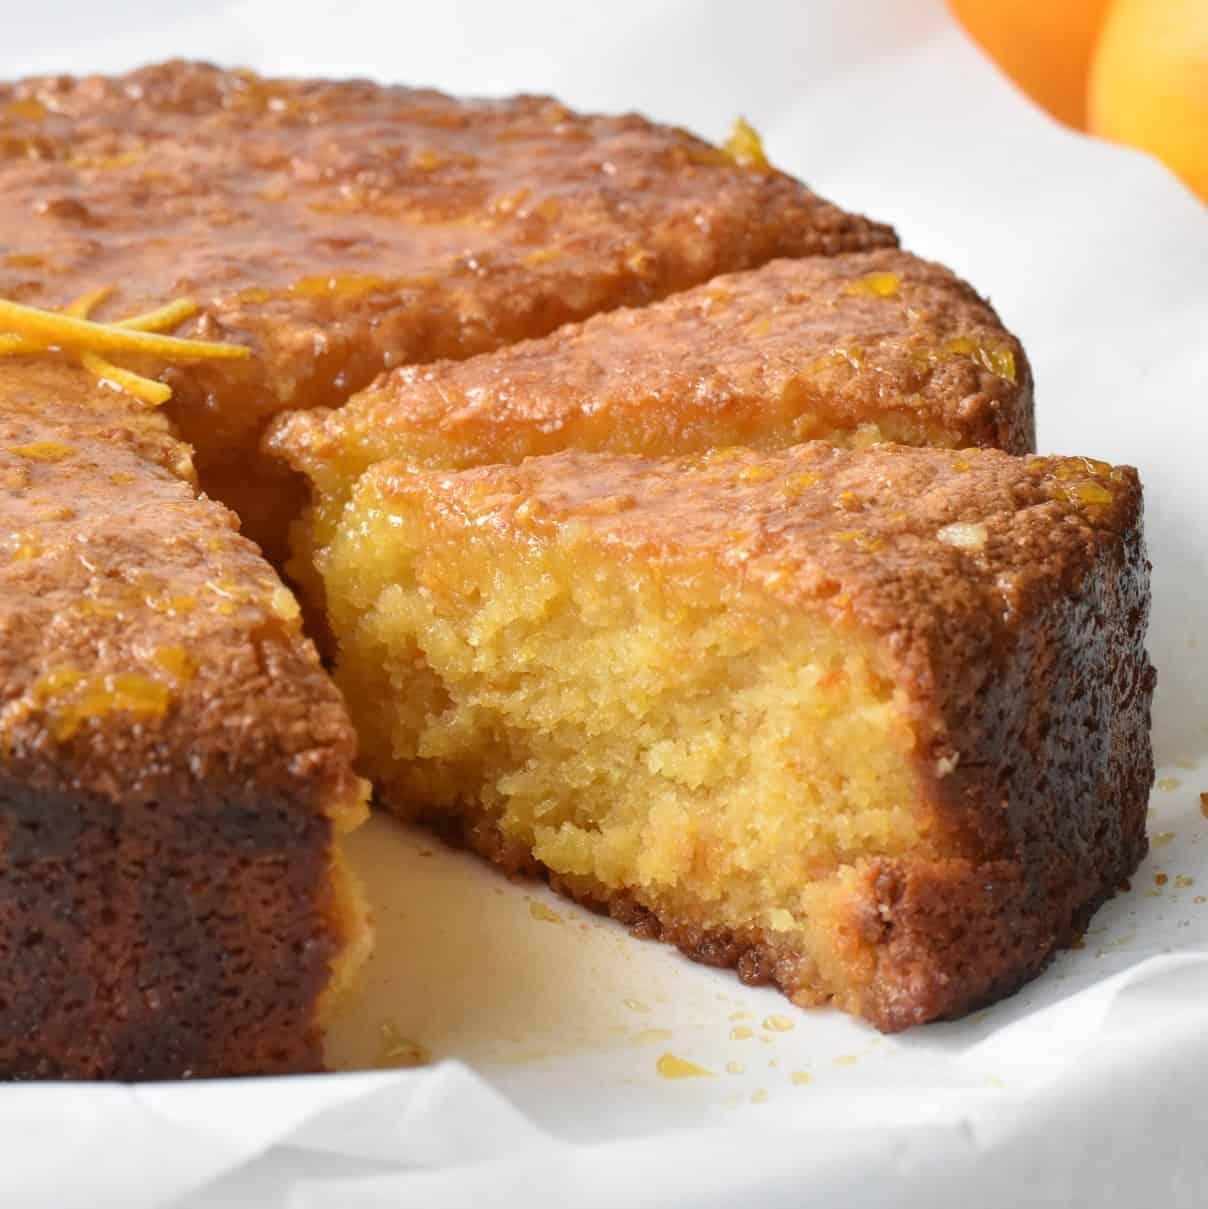 Flourless Orange Cake slices on display.